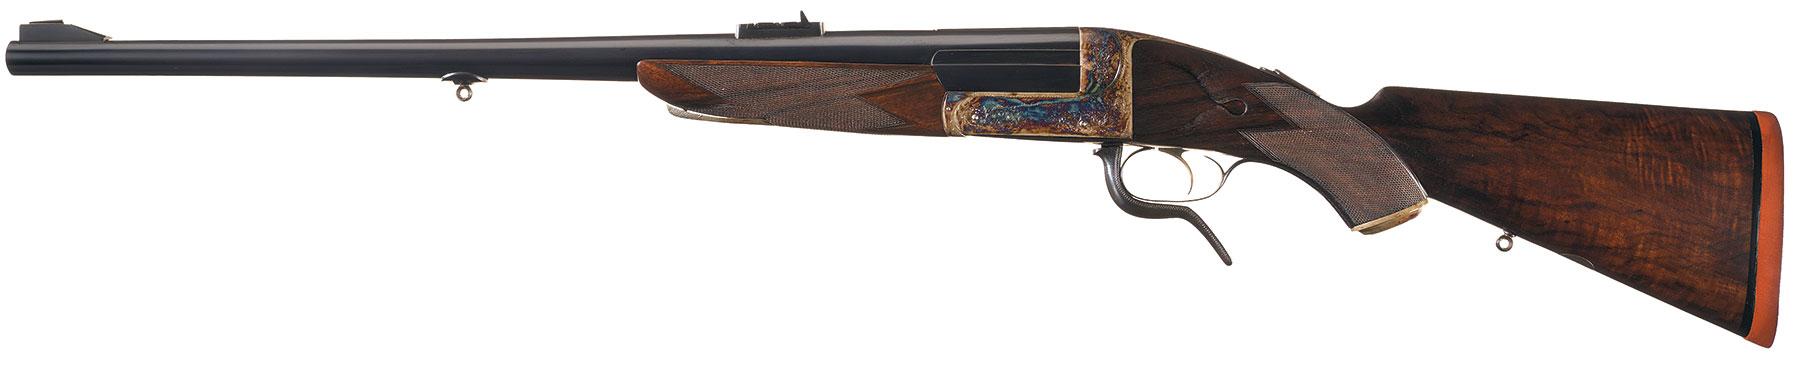 Jeffrey single shot elephant rifle